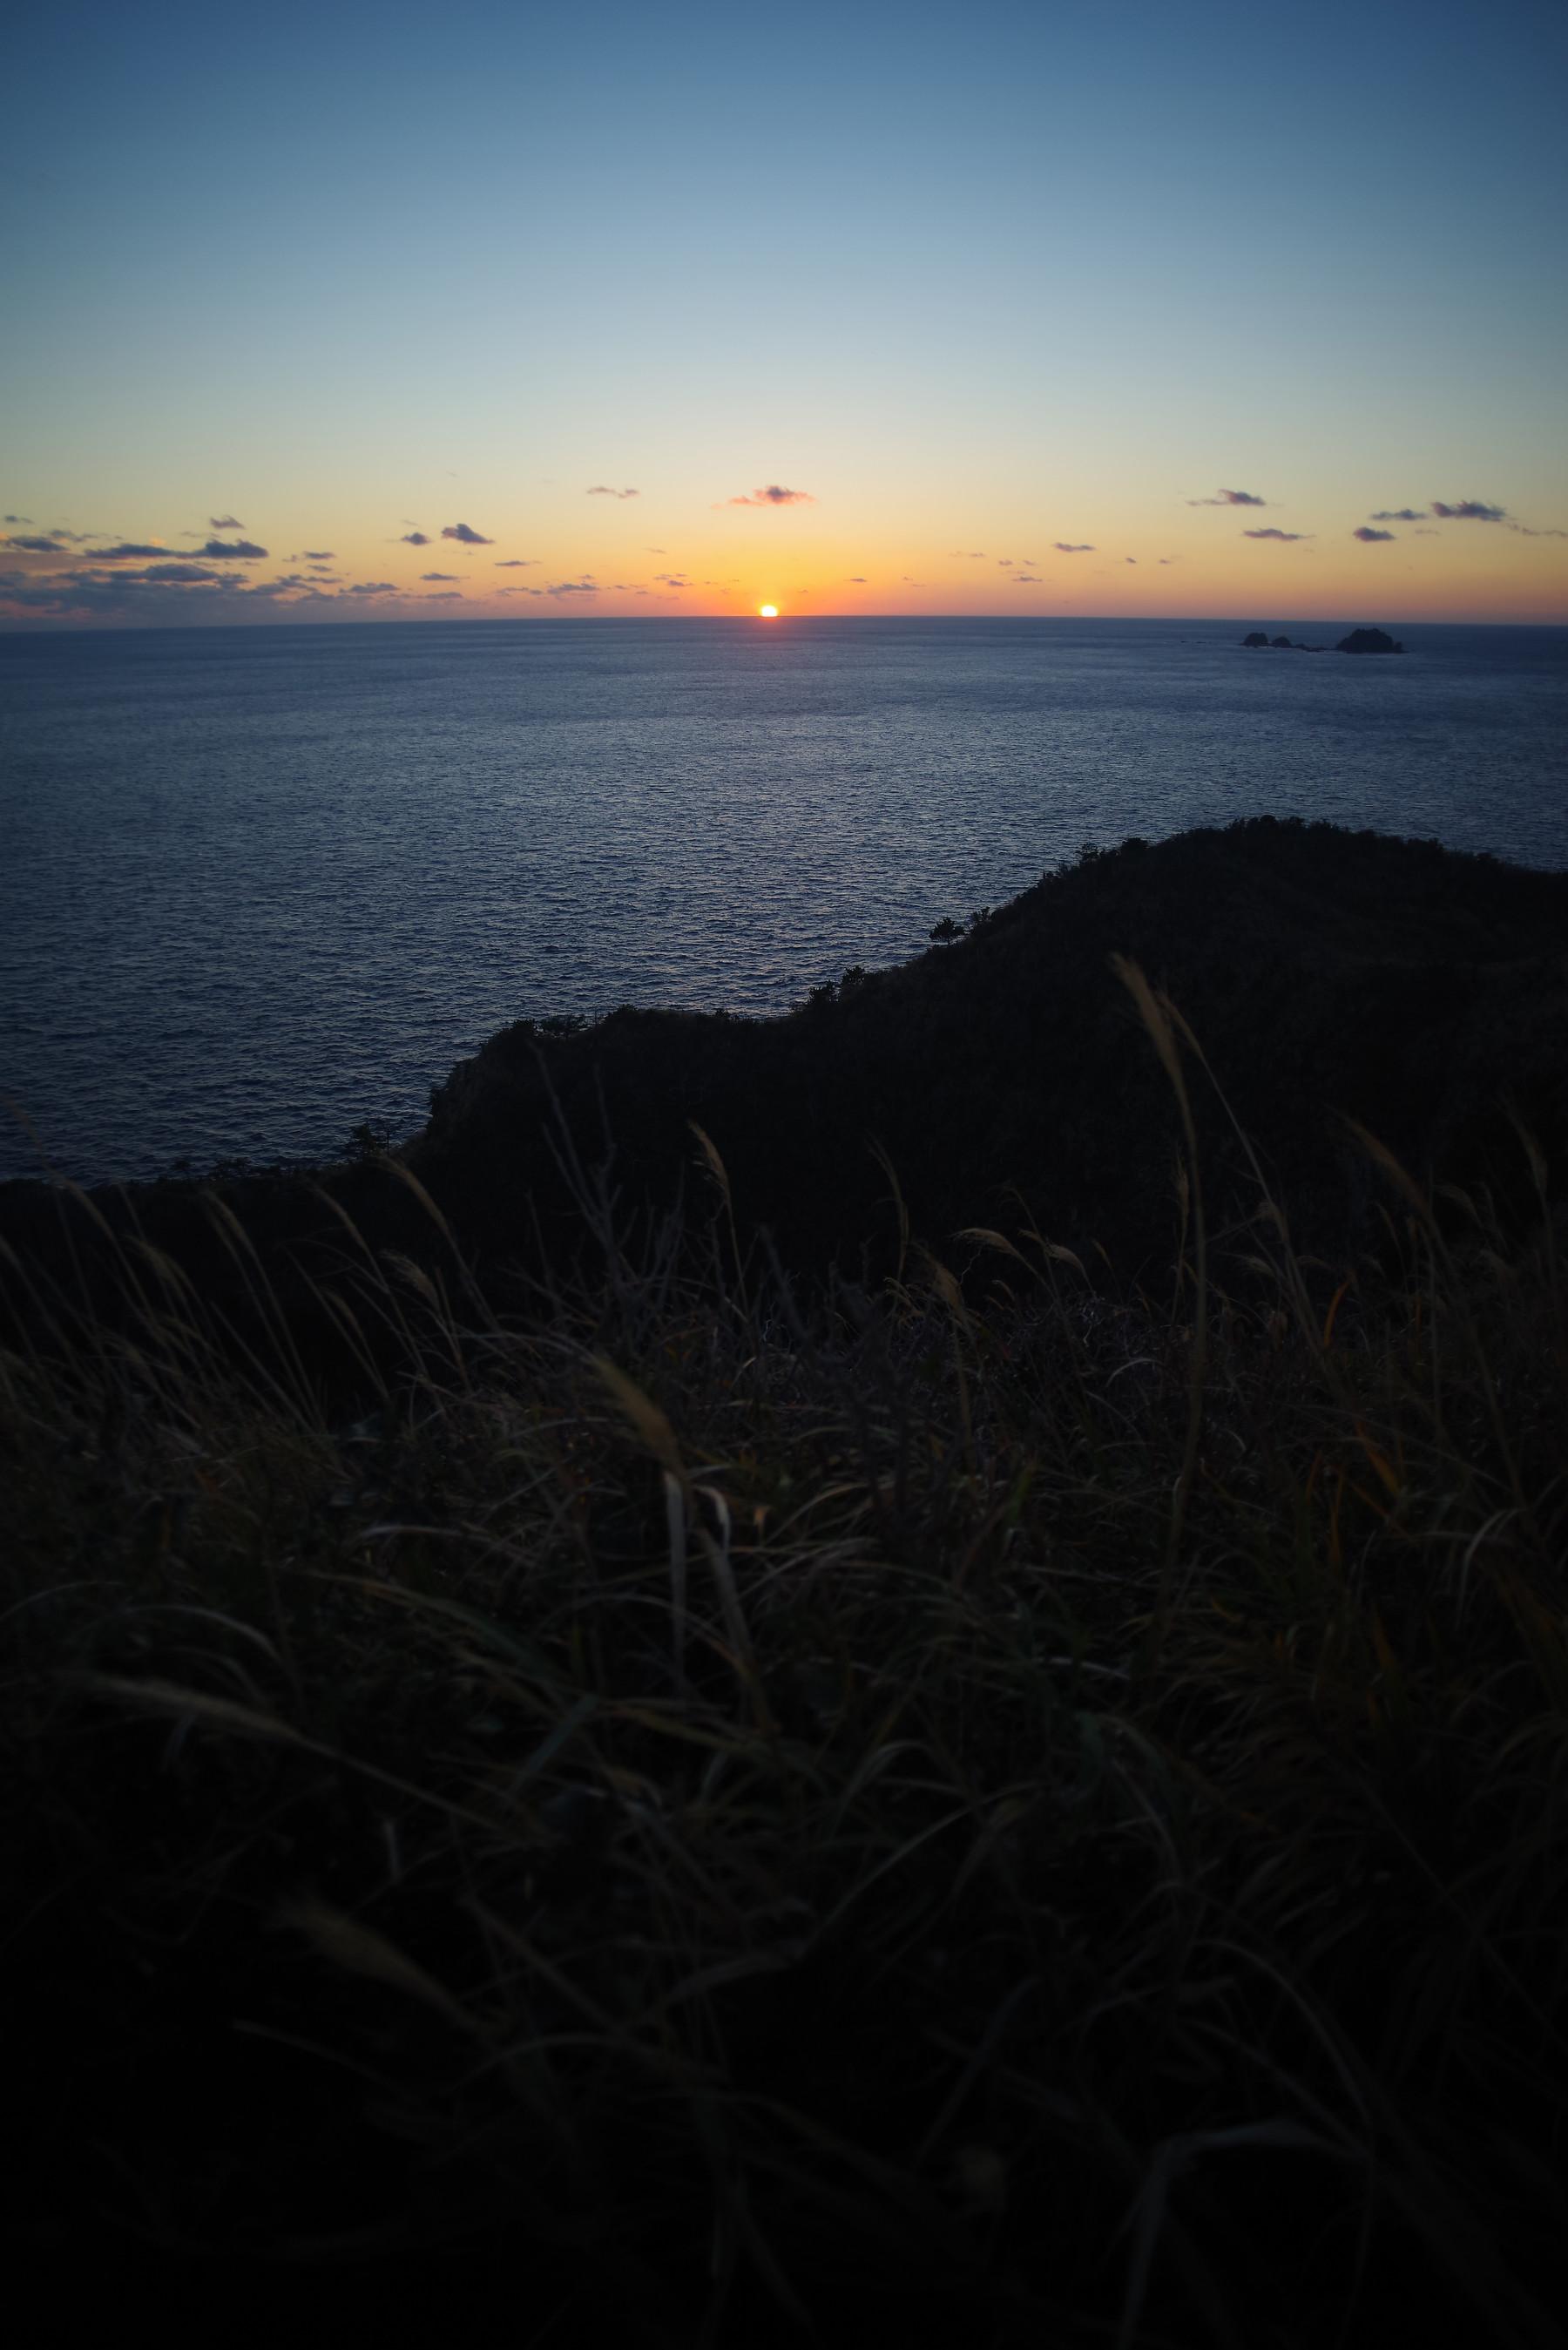 断崖から見える水平線の日の出の作例写真